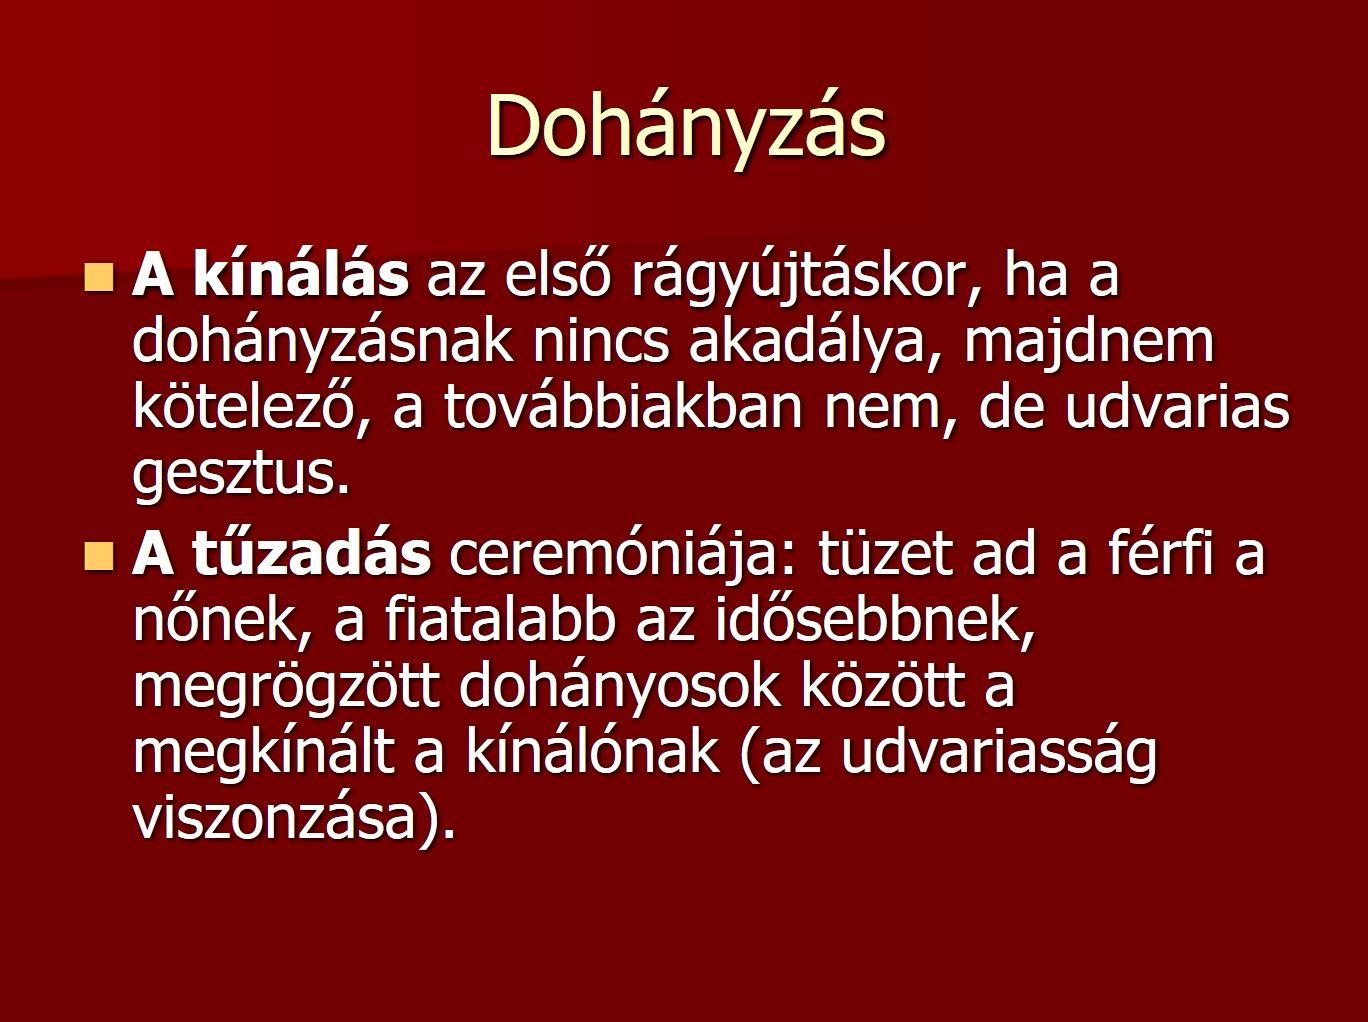 szivar_etikett_dohanyzas_illemtana_szivarozas_3.JPG